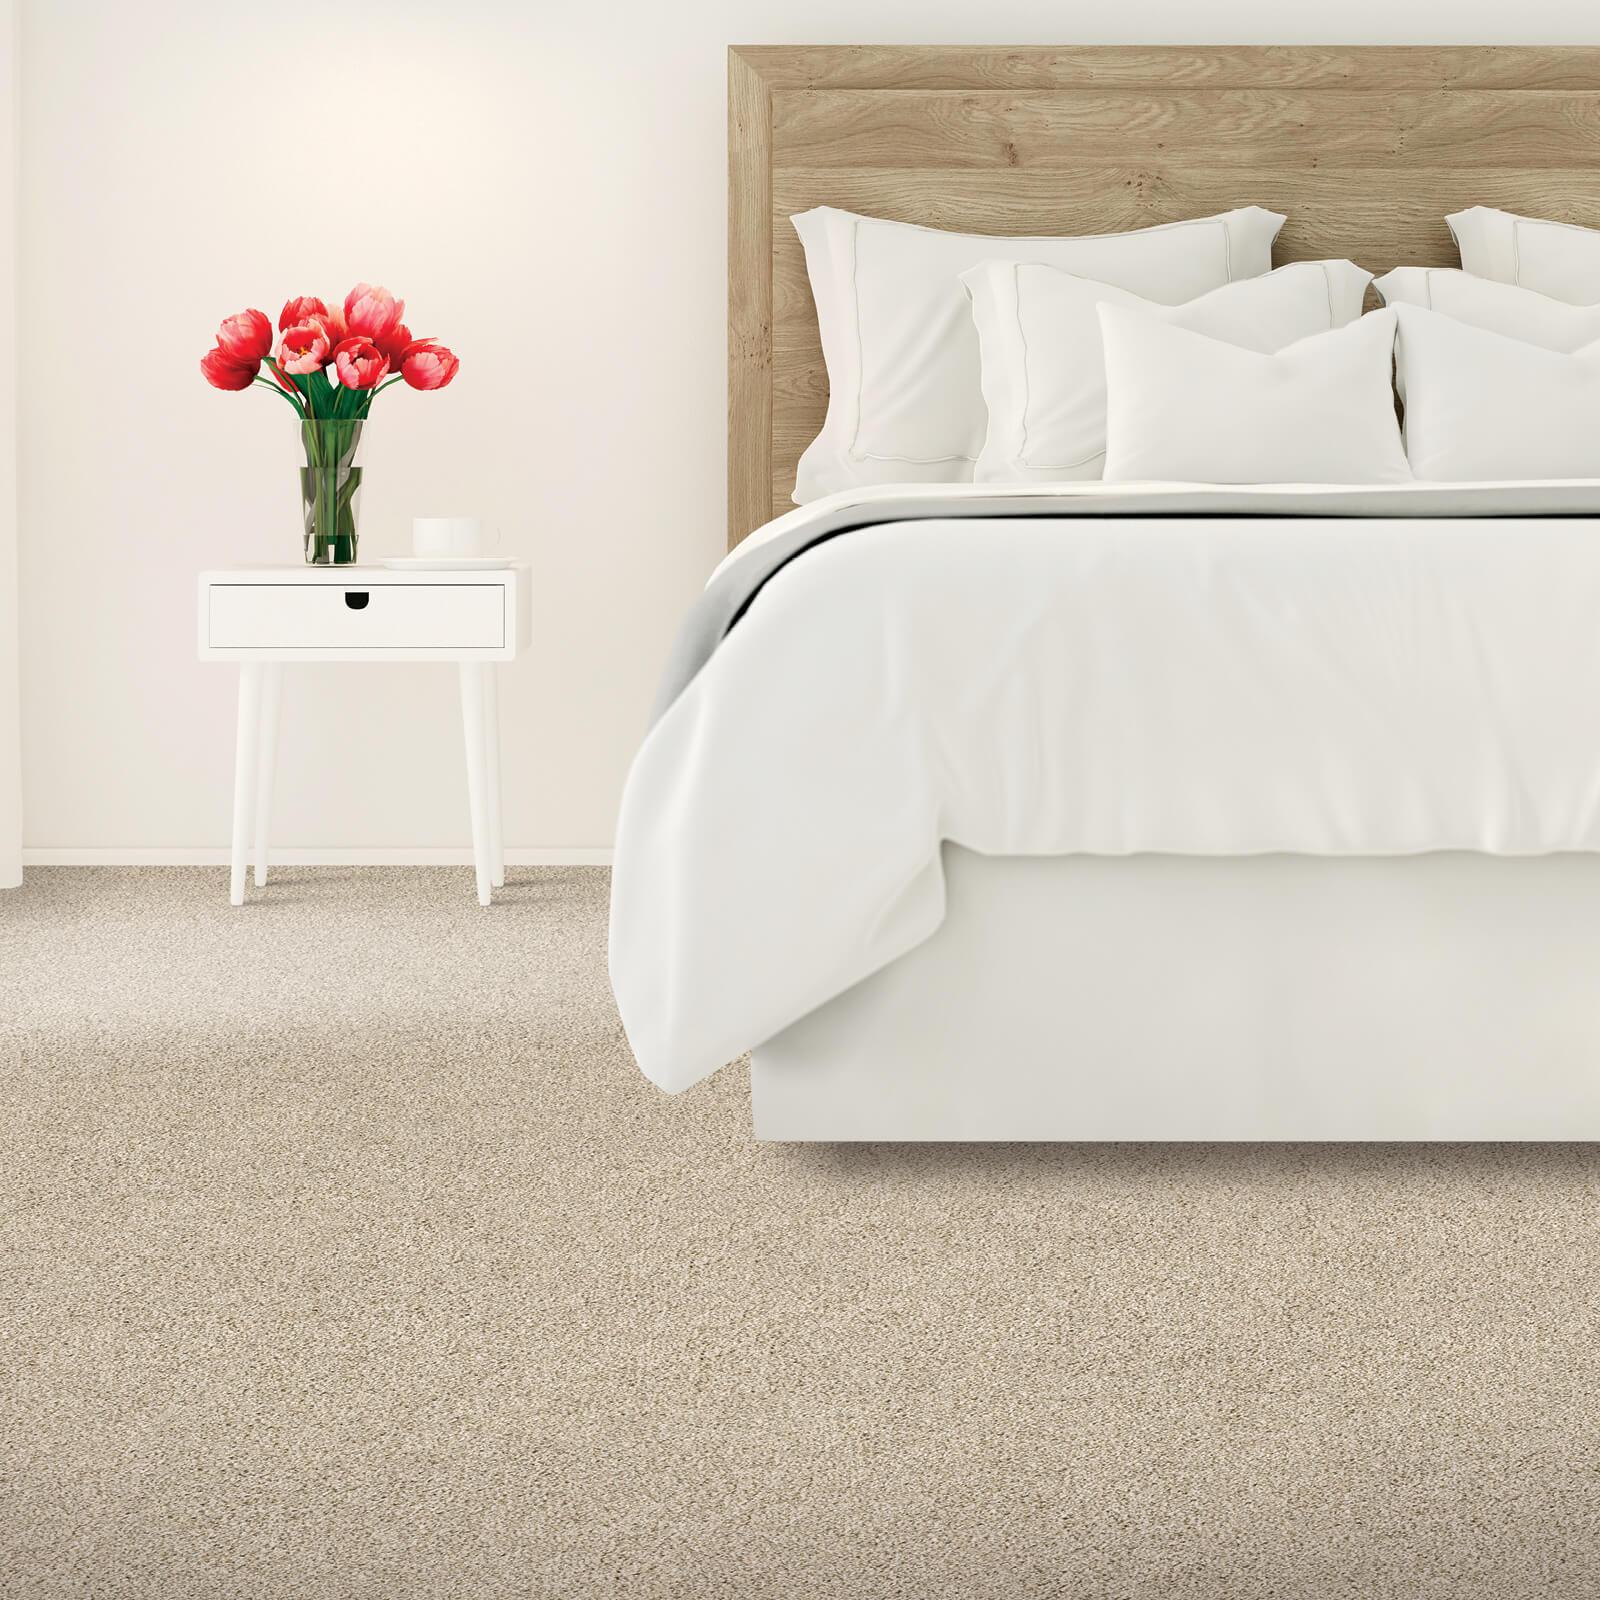 Bedroom carpet flooring | Dolphin Carpet & Tile